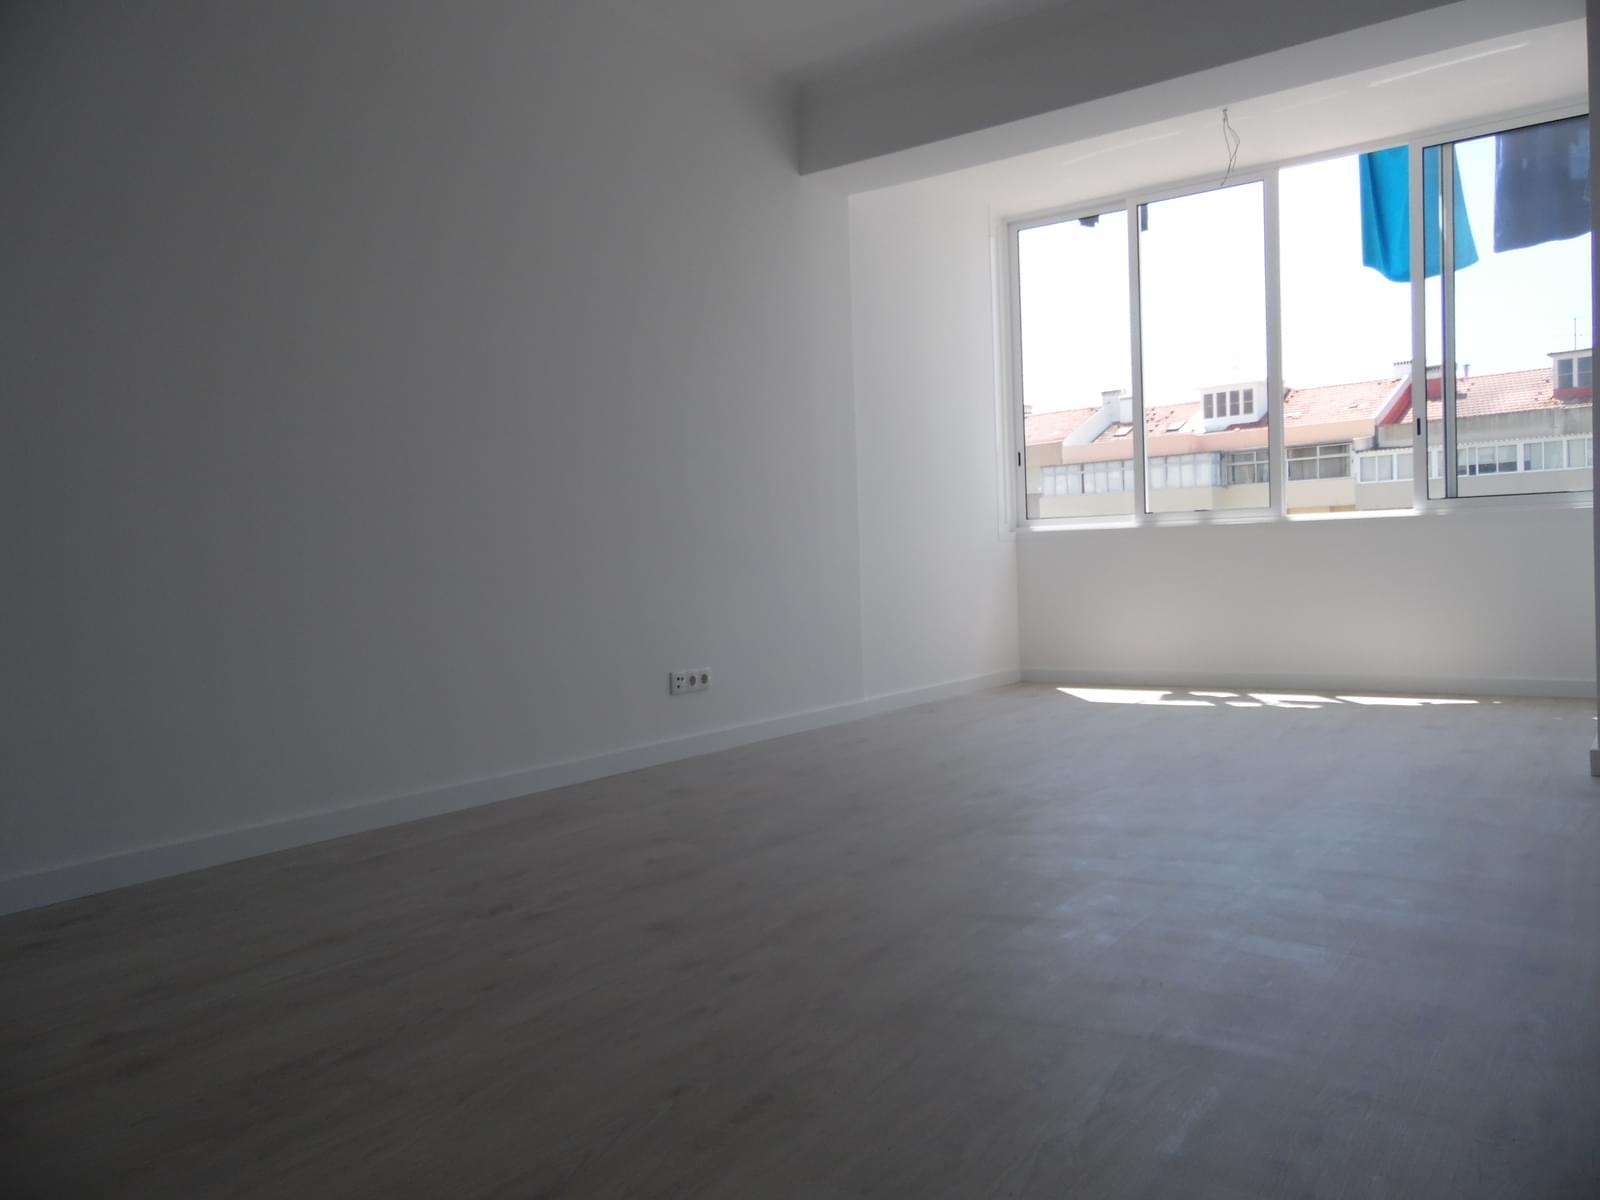 pf17195-apartamento-t3-oeiras-8bd0af14-4ad4-44db-9040-114cd18b967c